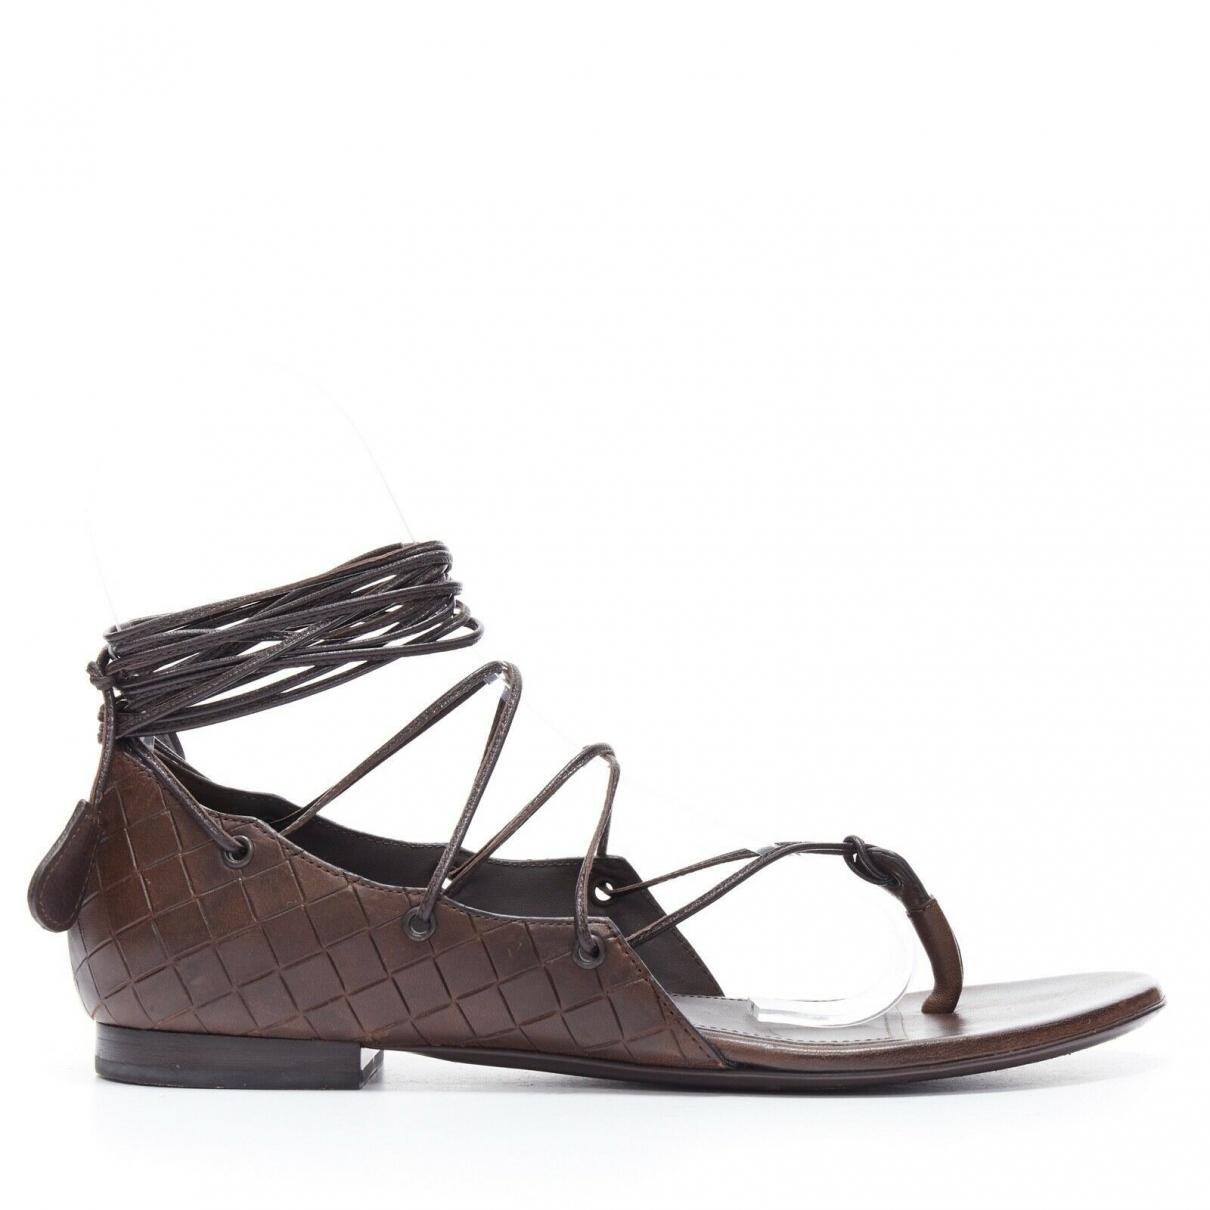 Bottega Veneta \N Brown Leather Sandals for Women 37 EU